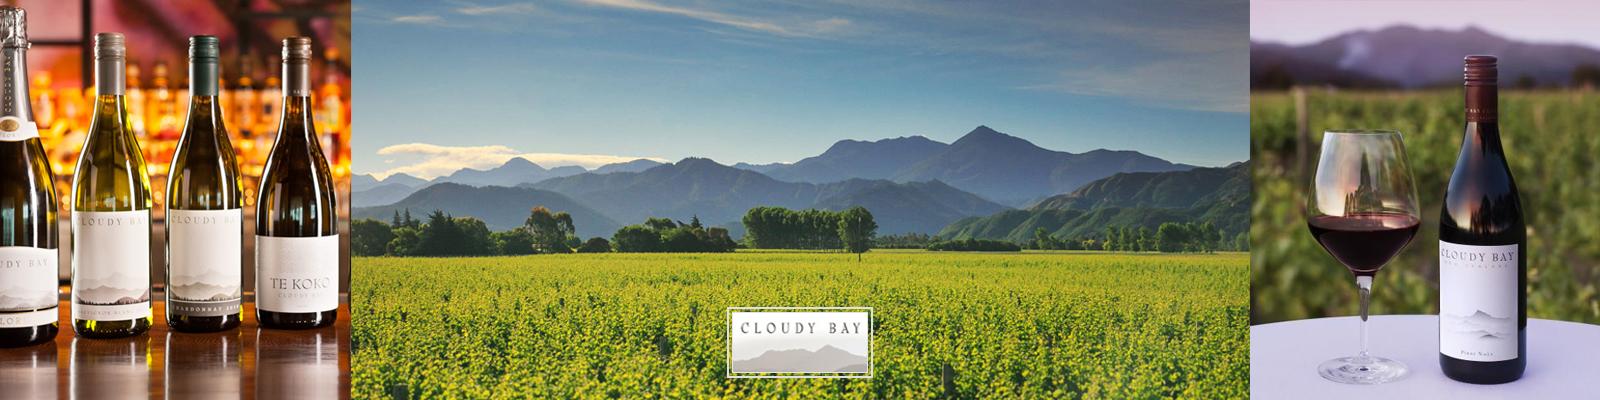 banner-cloudy-bay-vineyard.jpg